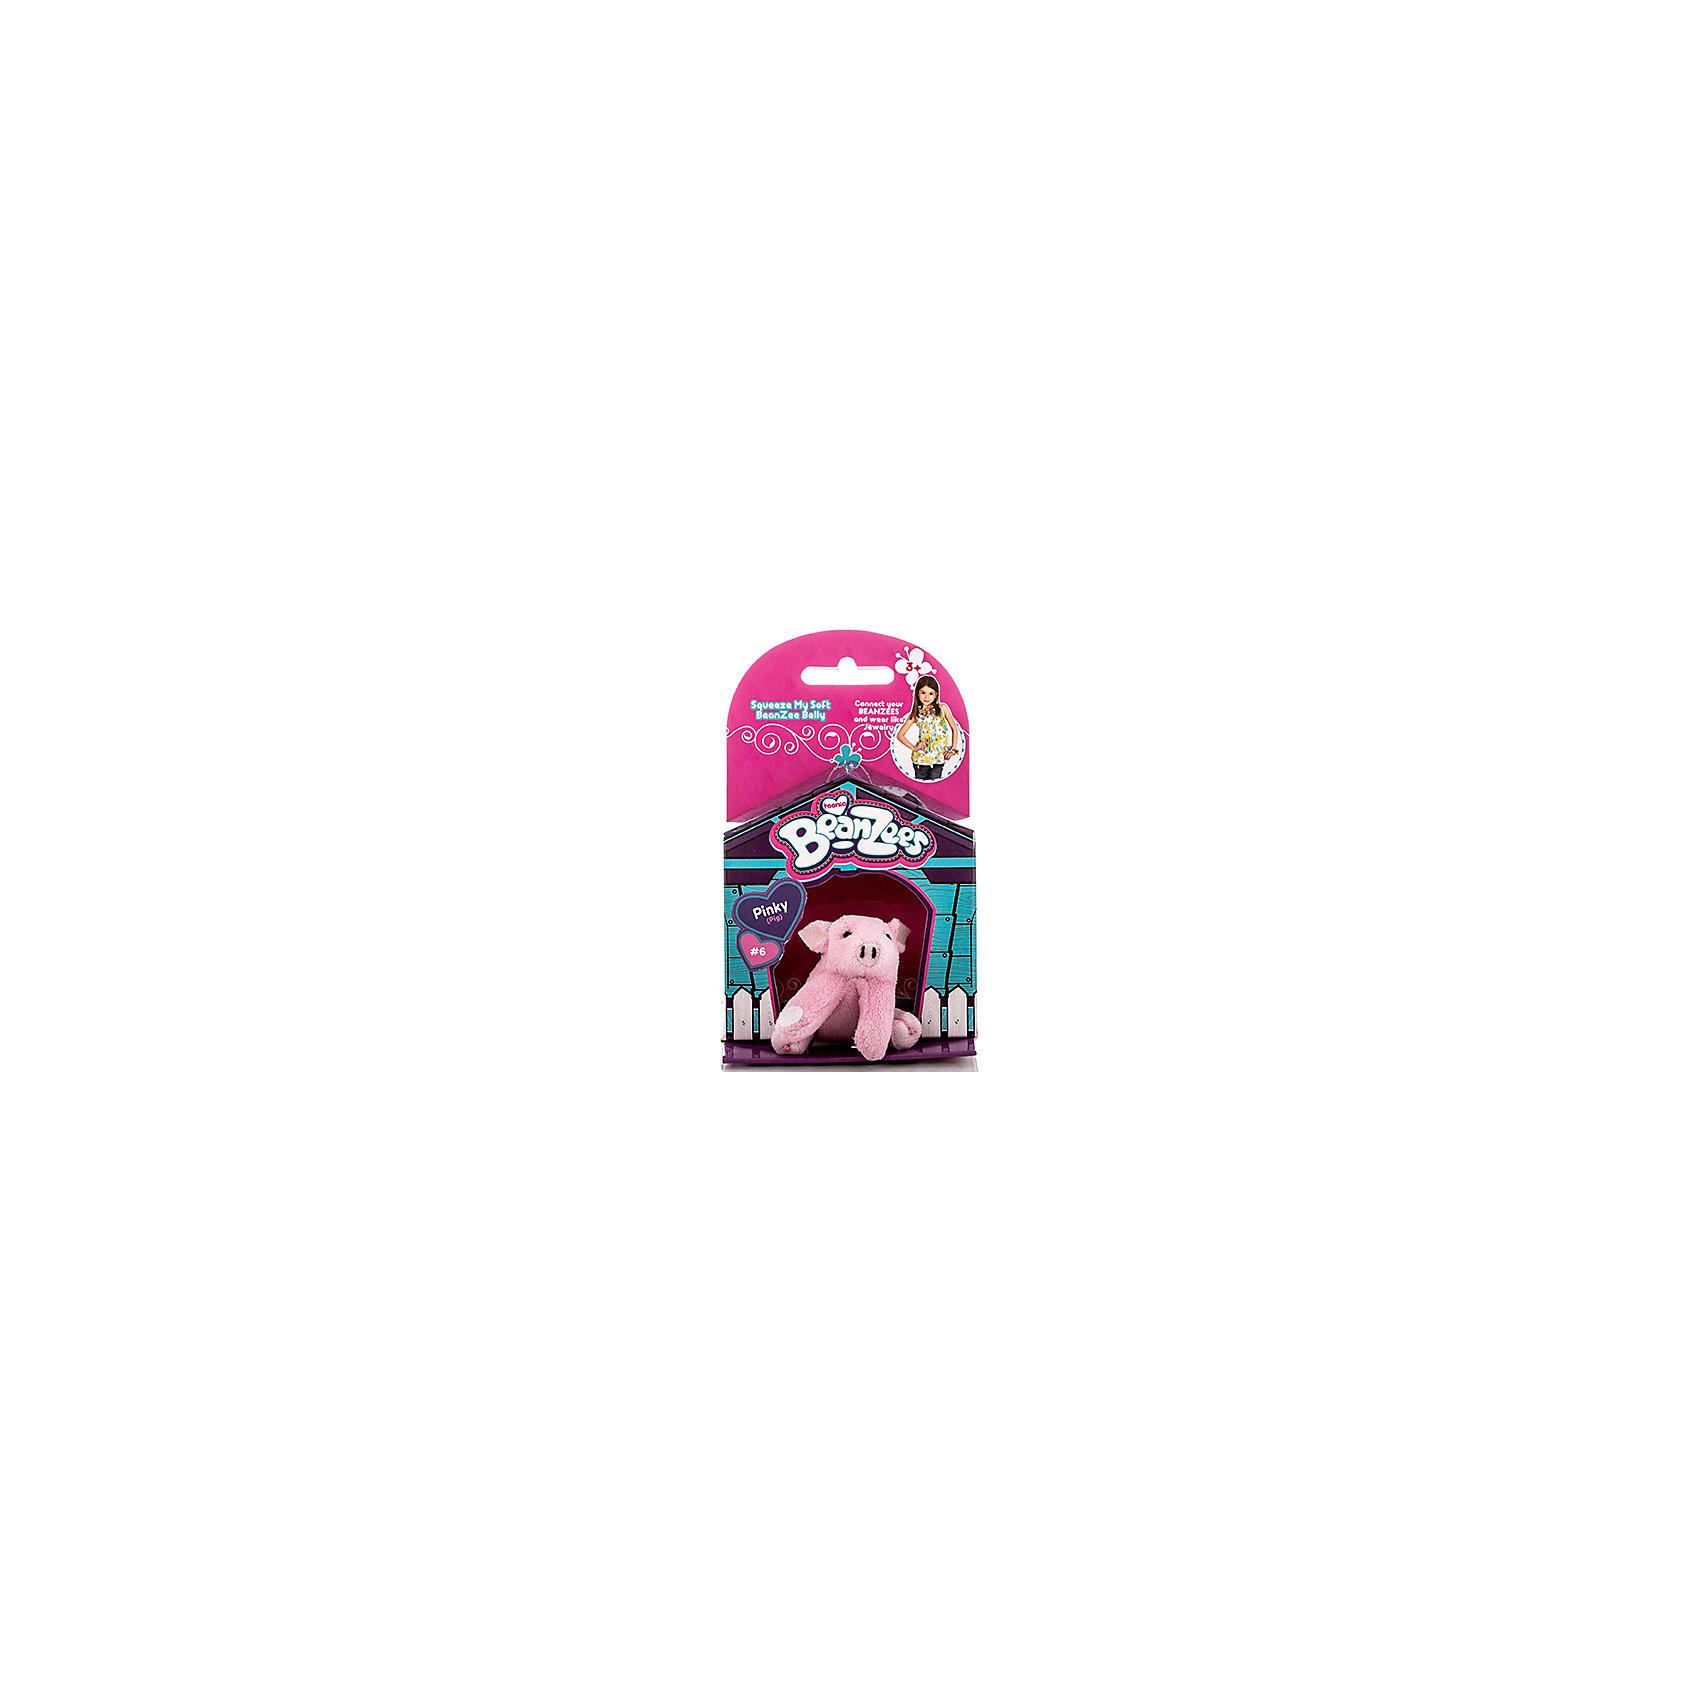 Мини-плюш Розовый поросенок, BeanzeezЗвери и птицы<br>Характеристики товара:<br><br>• цвет: розовый<br>• особенности: наличие на лапках липучек, игрушку можно соединять с другими героями из серии<br>• материал: пластик, текстиль<br>• размер упаковки: 9х5,5х14,5 см.<br>• высота игрушки: 5 см<br>• возраст: от 3 лет<br>• страна бренда: США<br>• страна производства: Китай<br><br>Такая симпатичная игрушка не оставит ребенка равнодушным! Какой малыш откажется поиграть с маленькими плюшевыми игрушками из большой пушистой коллекции?! Игрушки очень качественно выполнены, поэтому такая фигурка станет отличным подарком ребенку. Благодаря липучкам на лапках животных можно соединить между собой. Дети приходят в восторг от этих игрушек!<br>Такие предметы помогают ребенку отрабатывать новые навыки и способности - развивать ловкость, мелкую моторику, воображение, мышление, логику. Изделие производится из качественных сертифицированных материалов, безопасных даже для самых маленьких.<br><br>Мини-плюш Розовая мышка от бренда Beanzeez можно купить в нашем интернет-магазине.<br><br>Ширина мм: 50<br>Глубина мм: 140<br>Высота мм: 85<br>Вес г: 73<br>Возраст от месяцев: 36<br>Возраст до месяцев: 2147483647<br>Пол: Женский<br>Возраст: Детский<br>SKU: 5218663